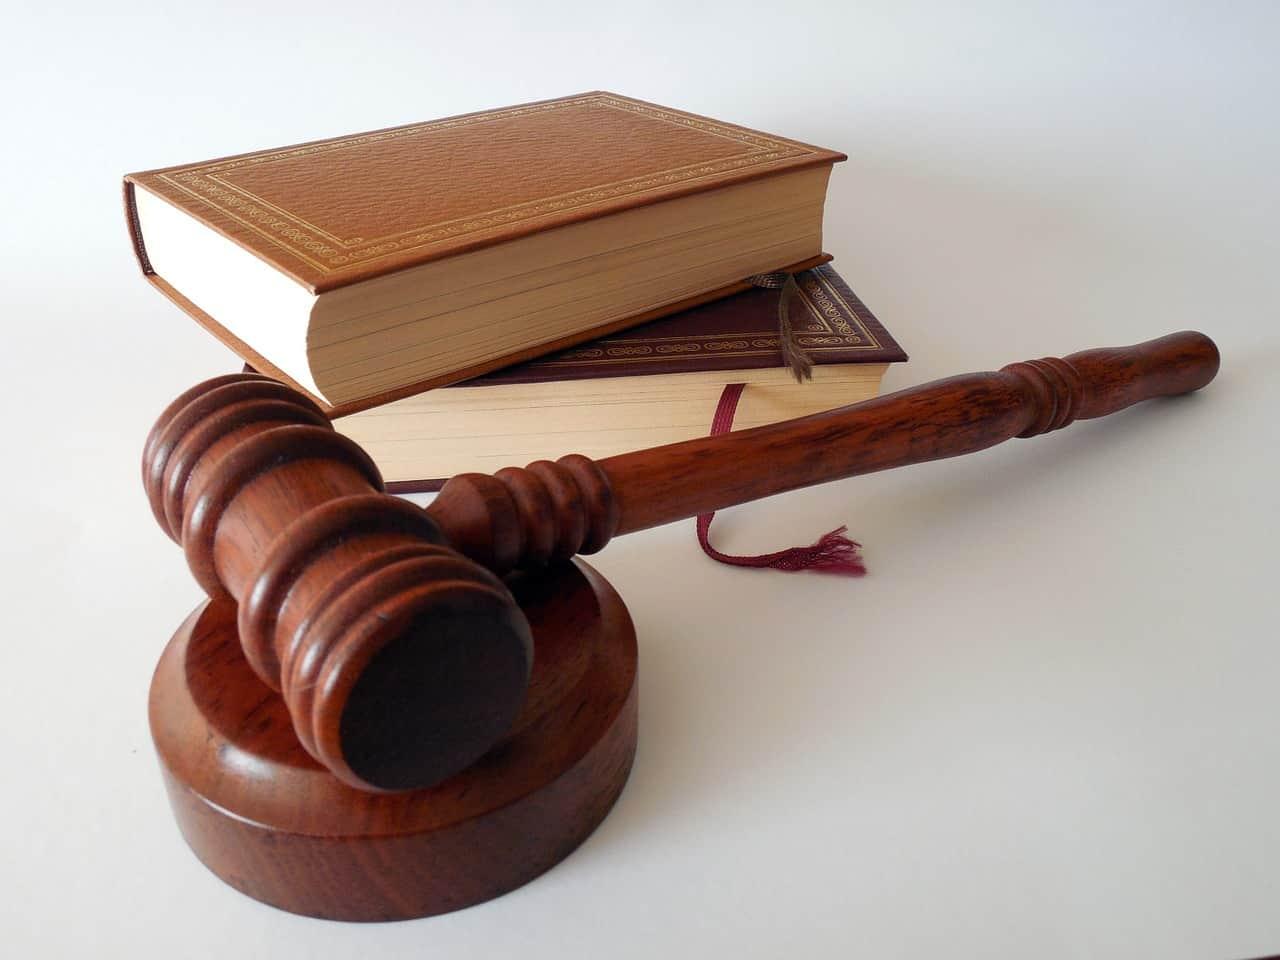 ביטוח צד ג' בביטוח דירה מכסה את בעל הפוליסה במצב בו הוא נתבע בבית משפט בגין נזקים שמקורם בדירה